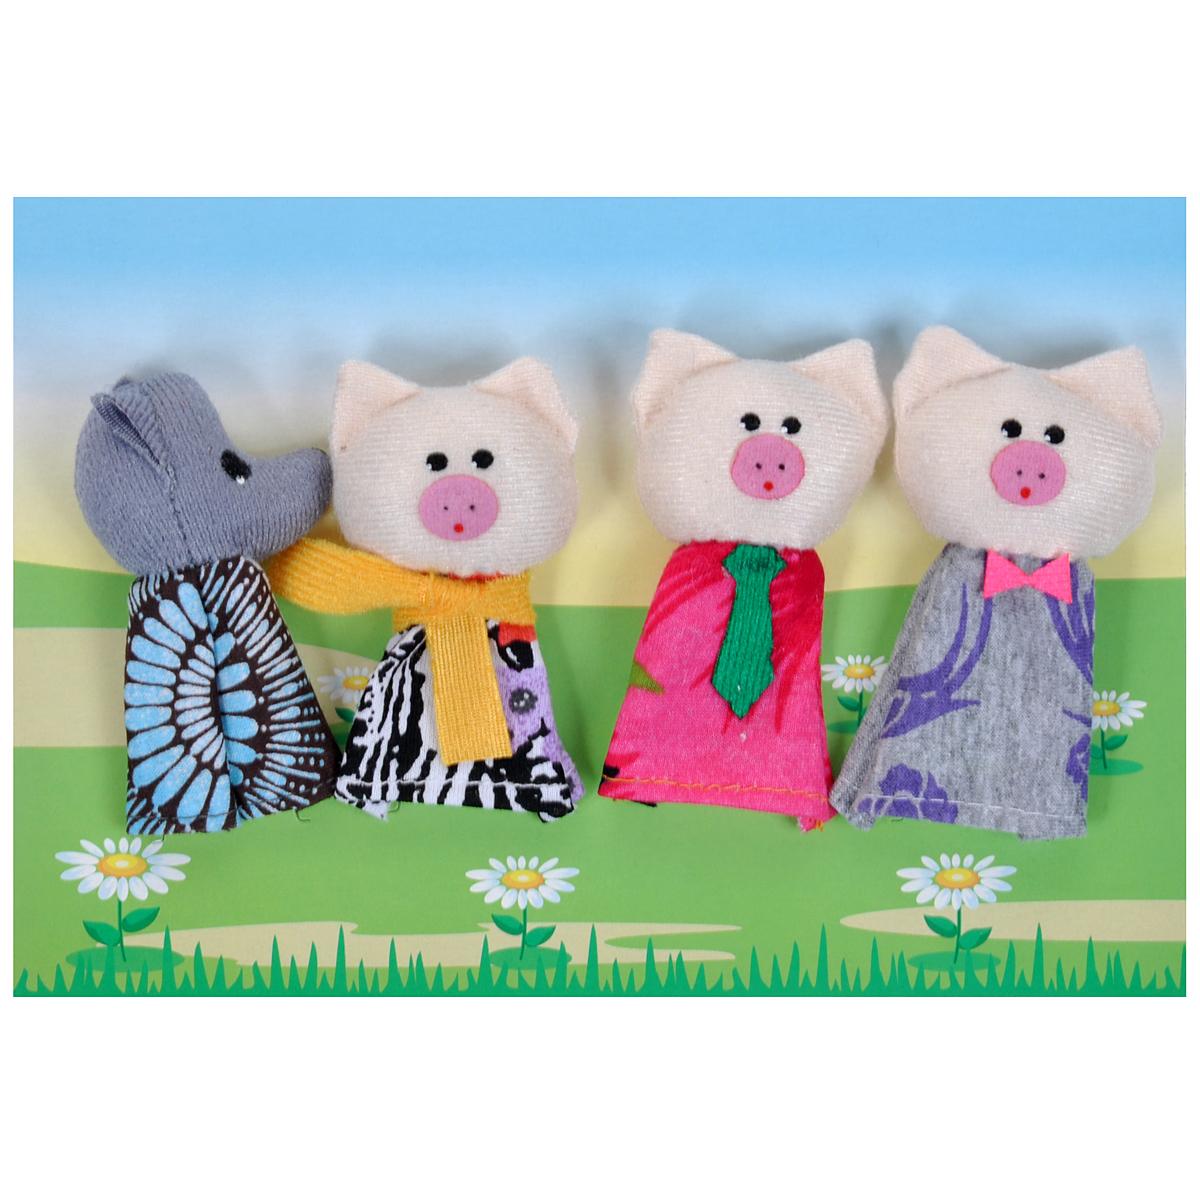 ролевые игры lilliputiens пальчиковые игрушки волк и три поросенка Пальчиковый театр Три поросенка, 4 предмета